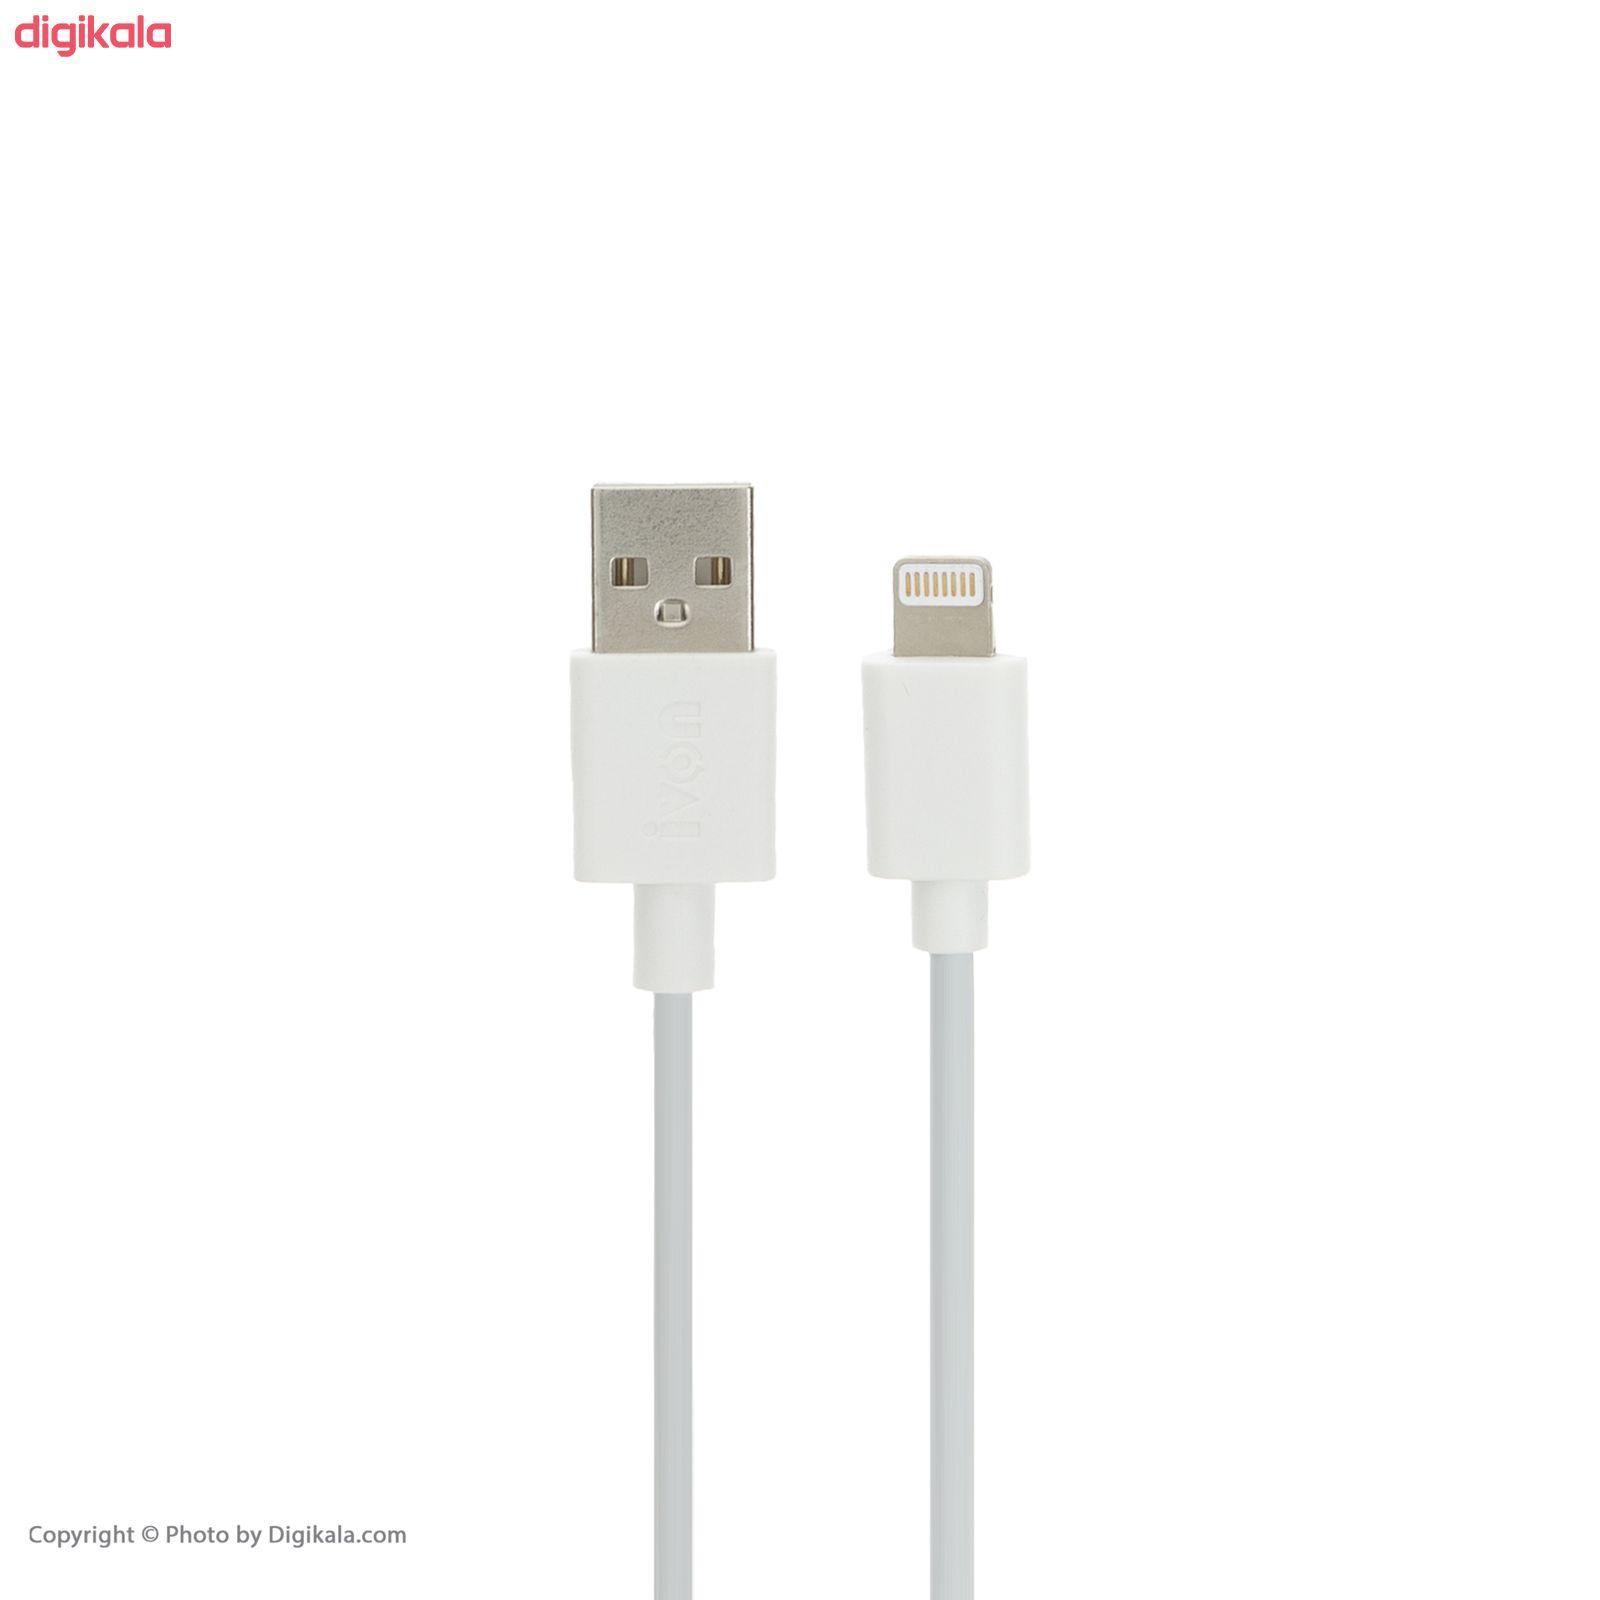 کابل تبدیل USB به لایتنینگ آی ون مدل CA-01 طول 1 متر main 1 1